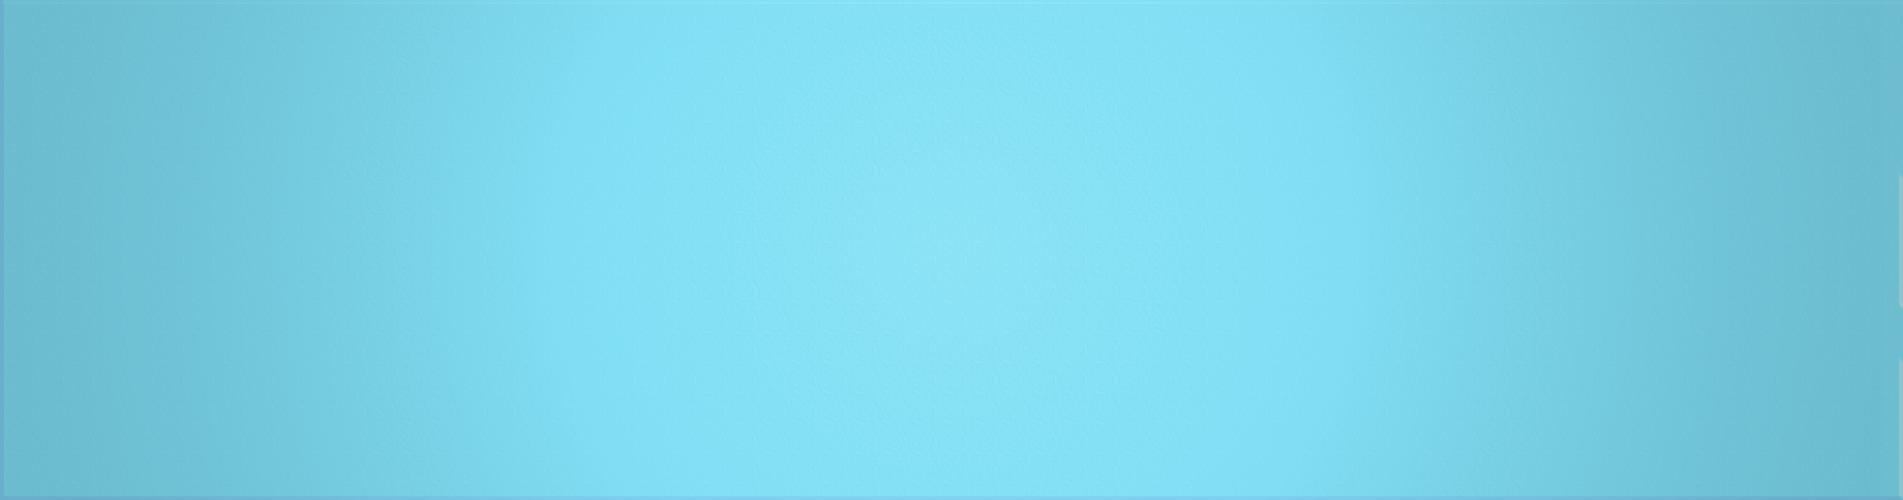 newslide2014_1